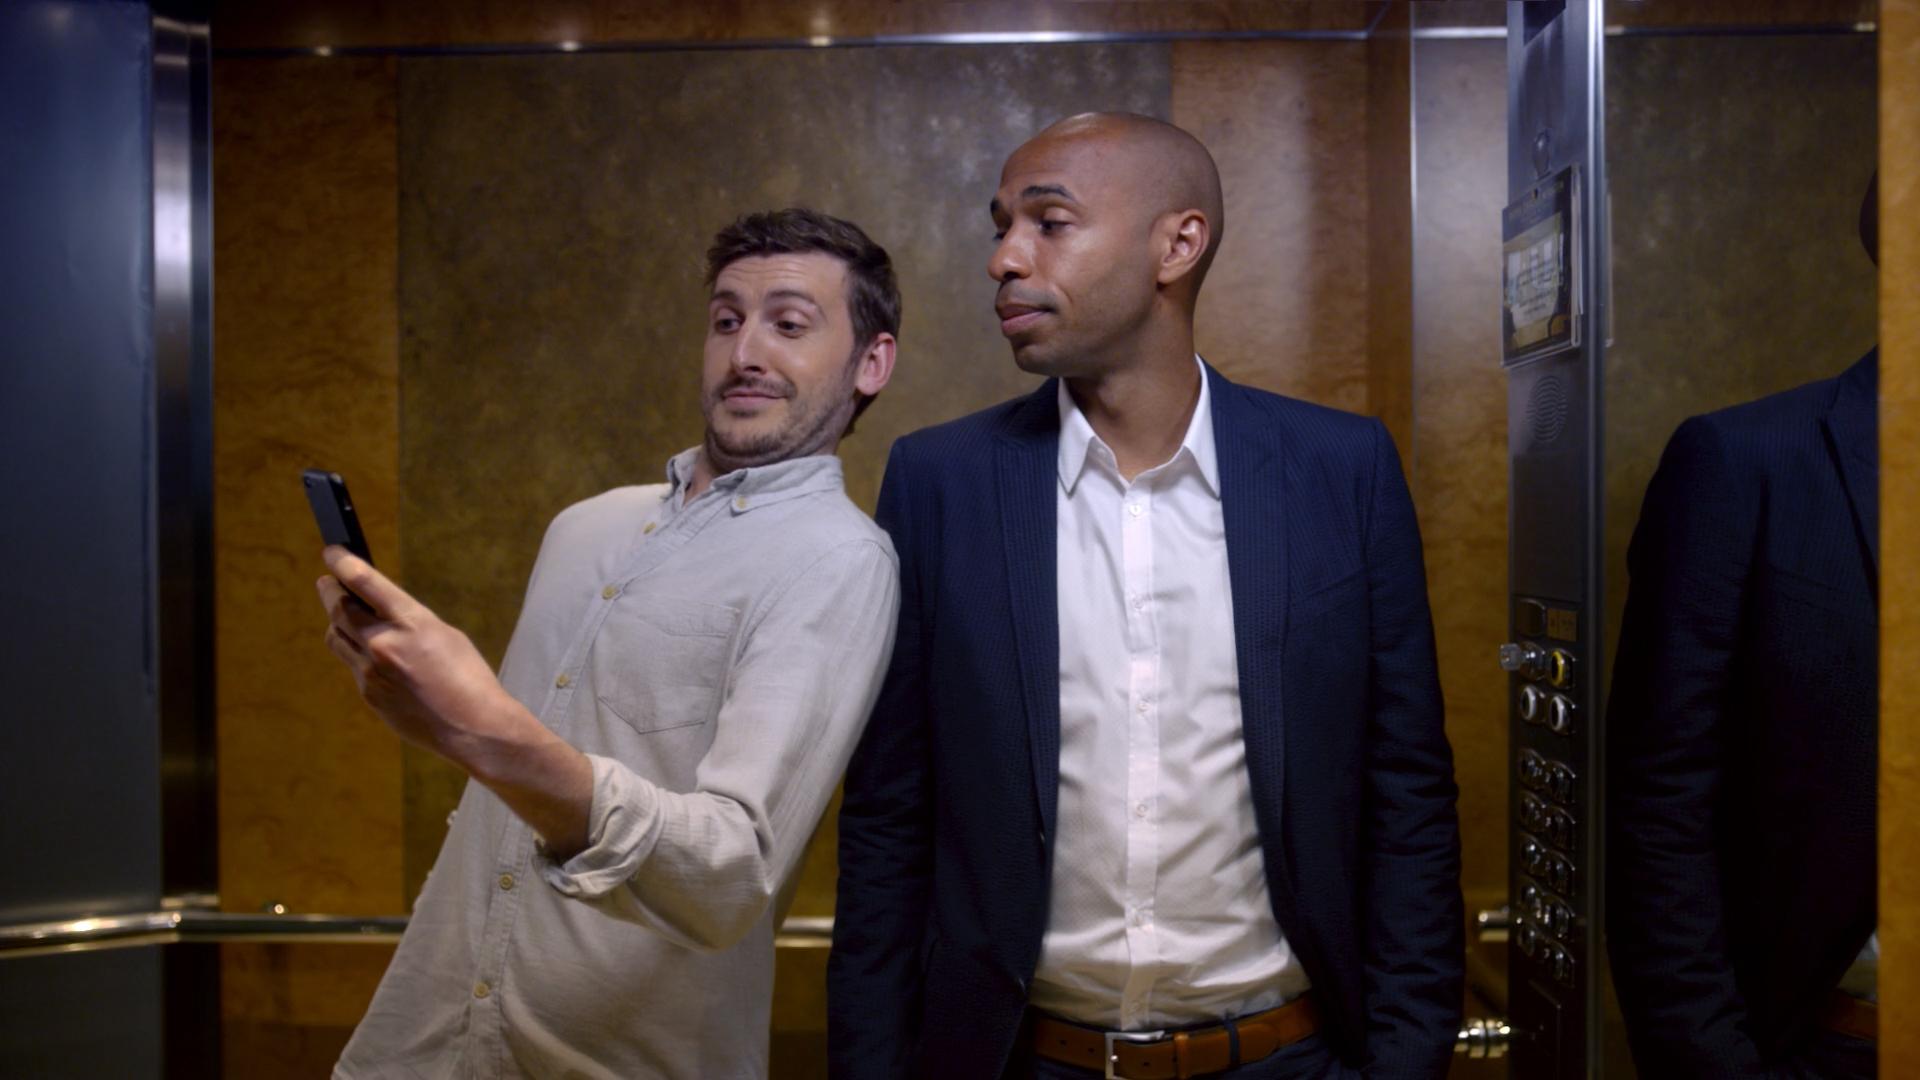 Thierry Henry Booking.com publicité sport